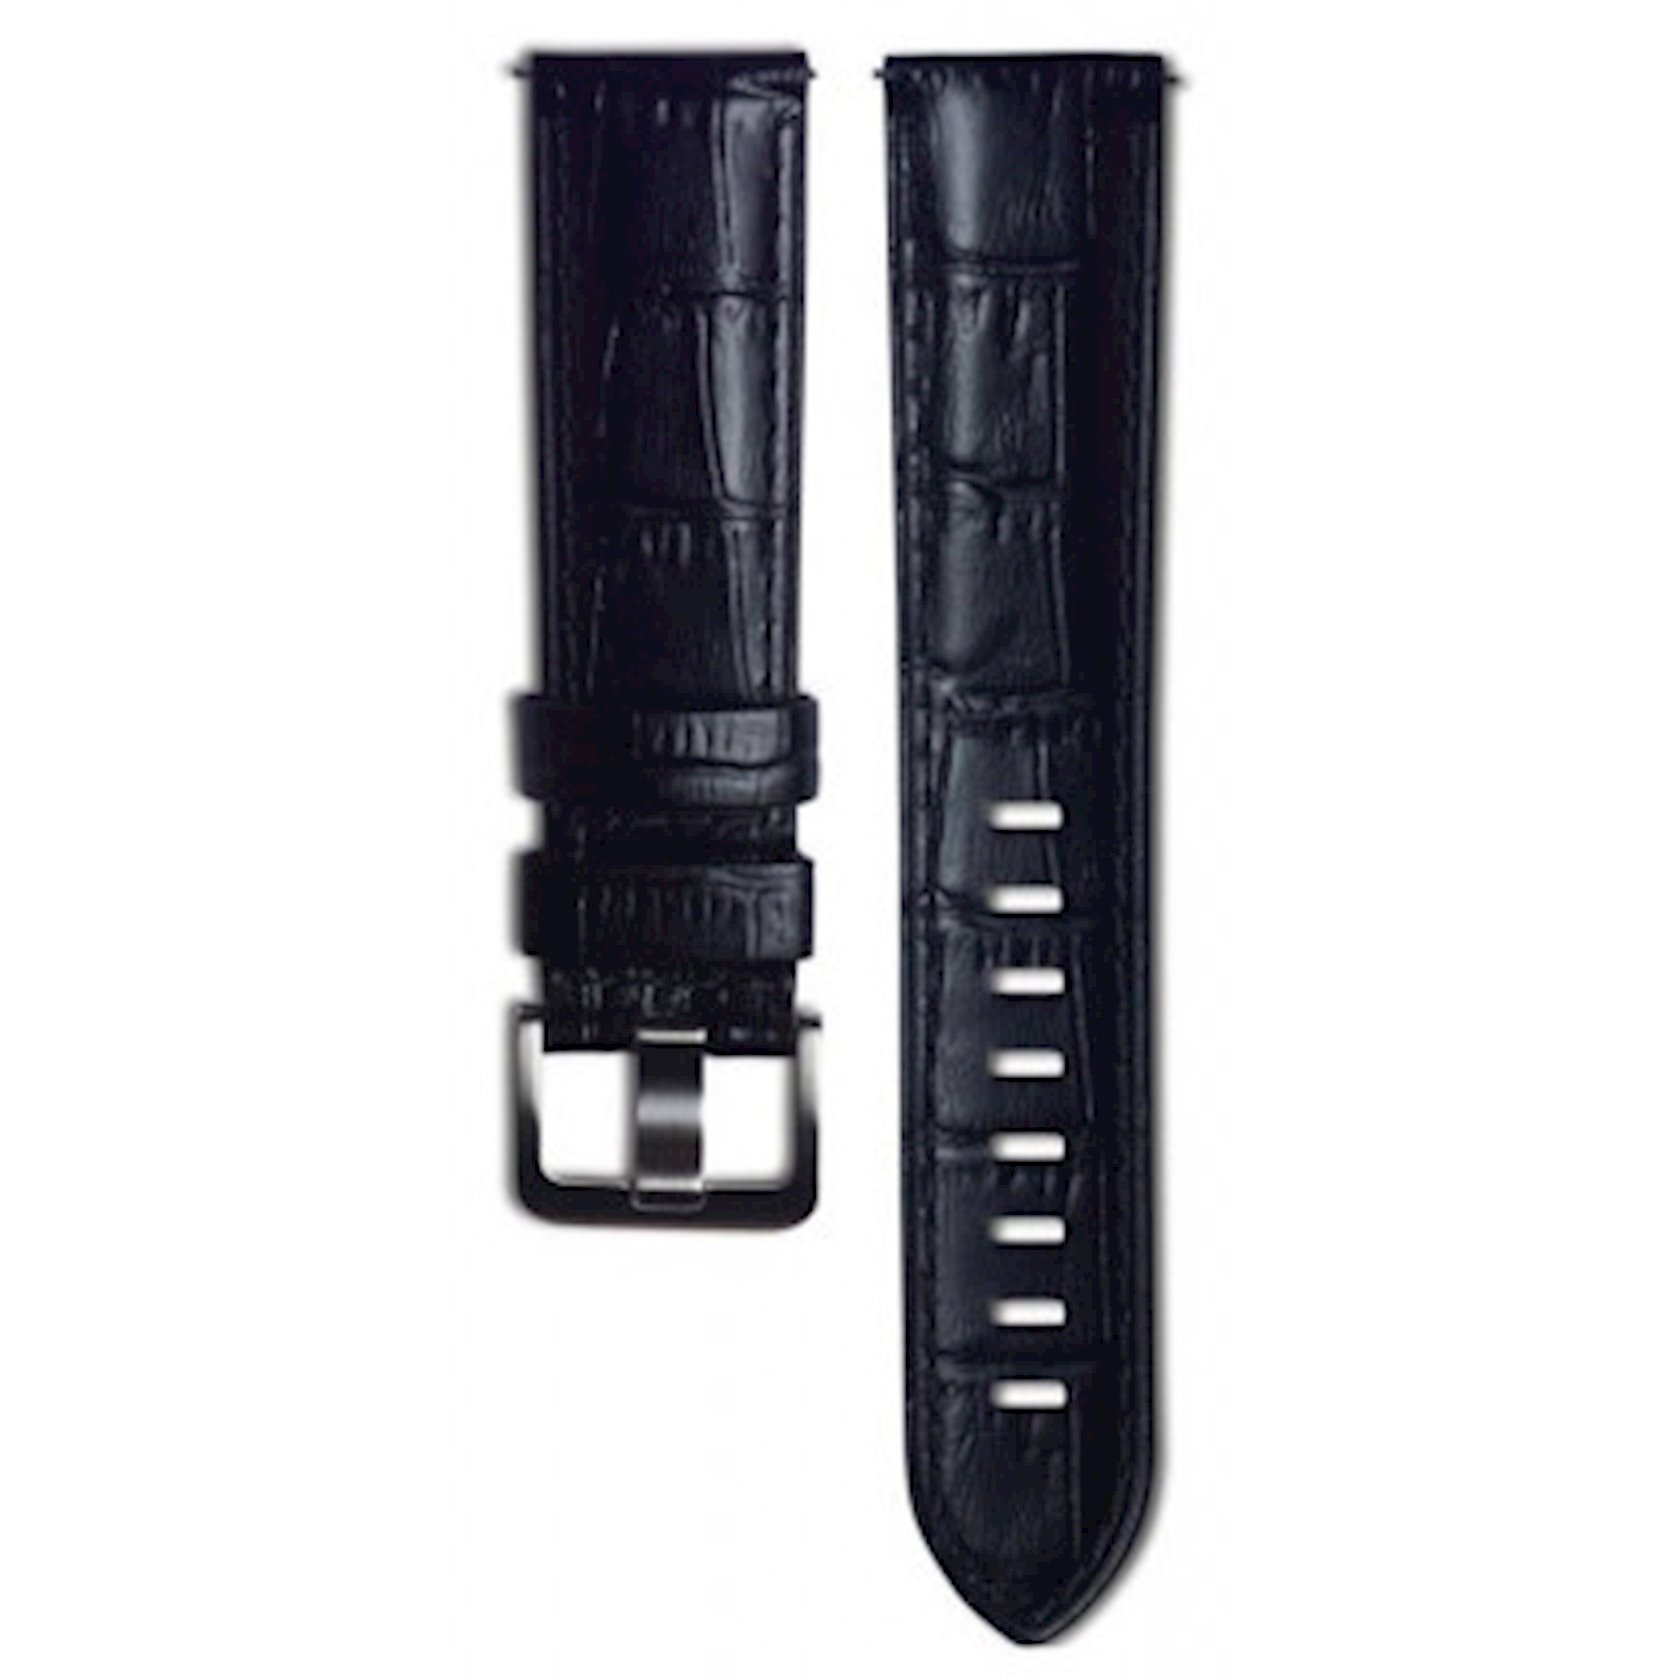 Kəmər Braloba Urban Lux Samsung Galaxy Watch 46 mm üçün Black